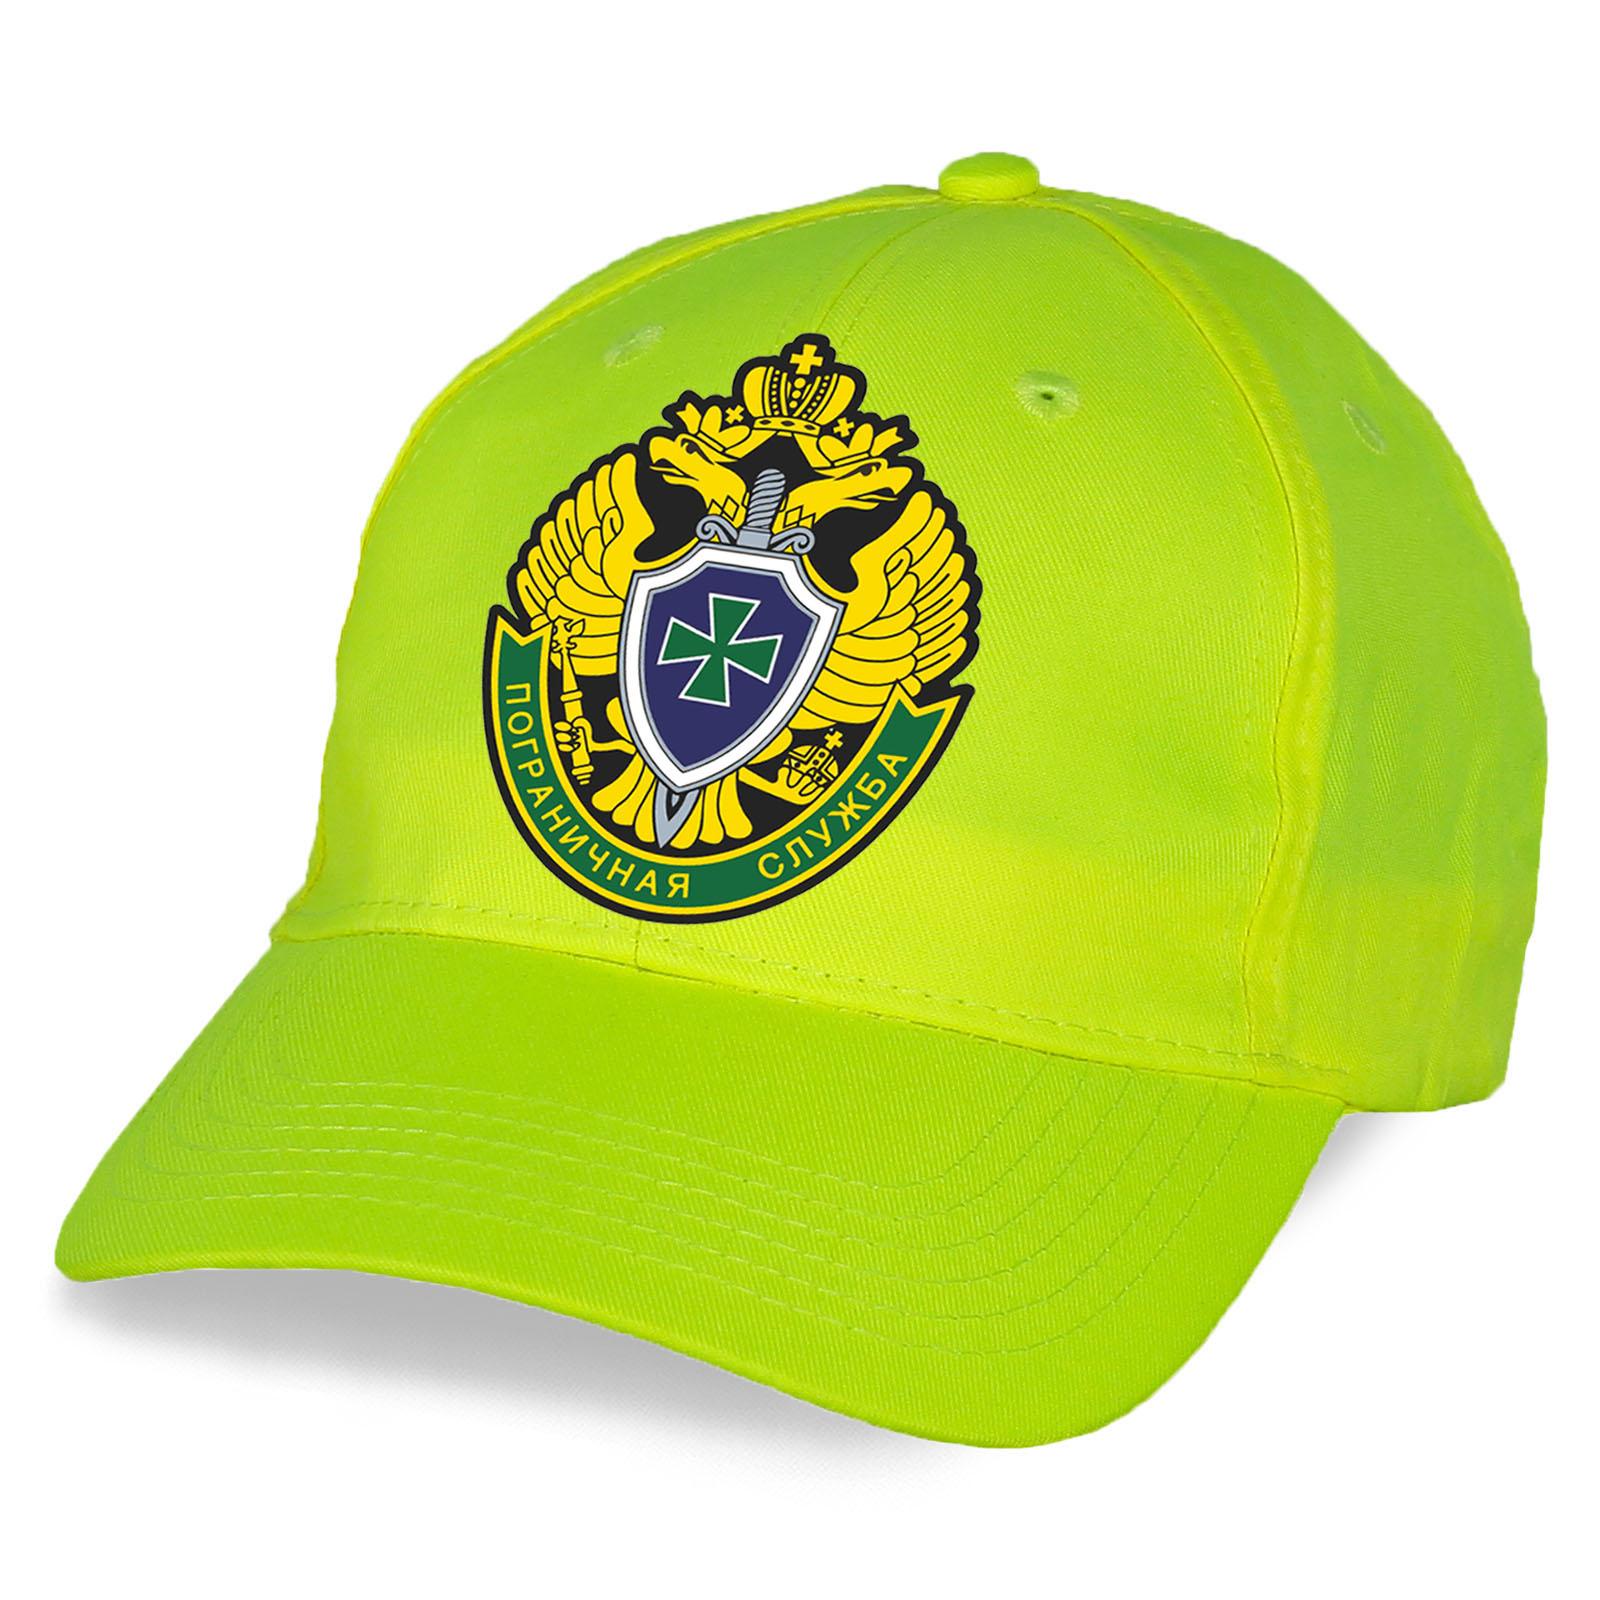 Милитари кепка с символикой Погранслужбы